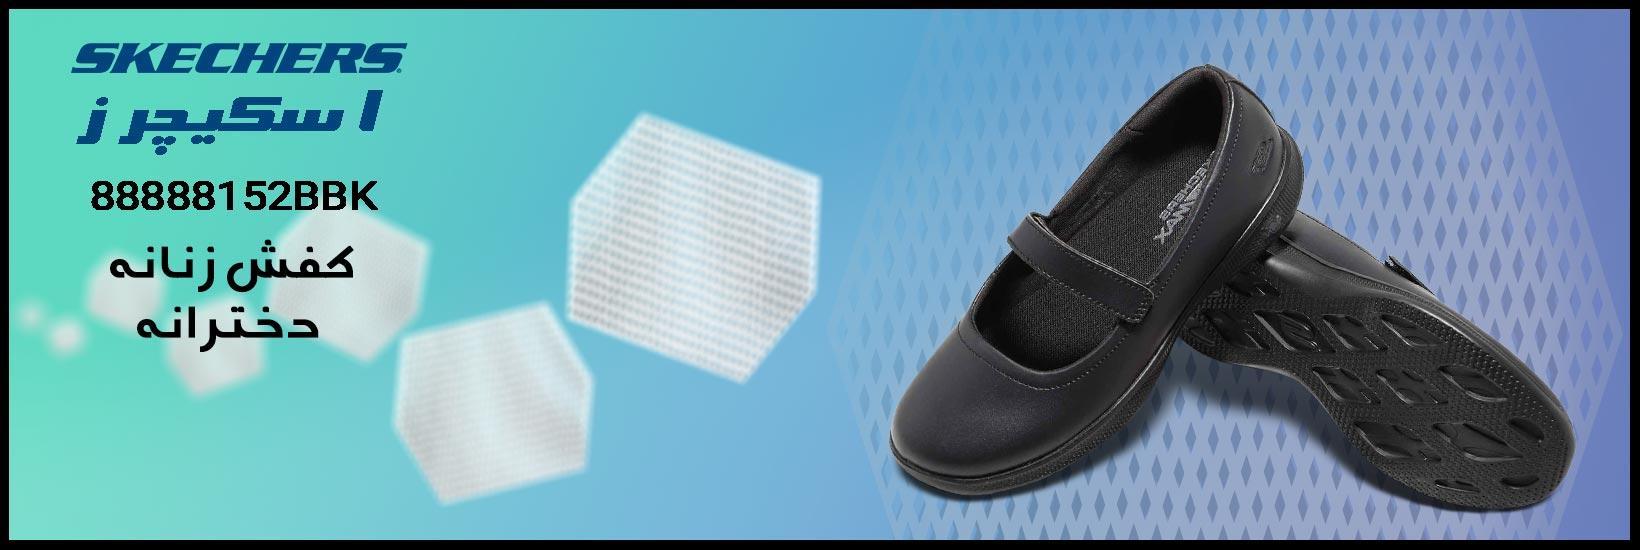 کفش تابستانی زنانه 2020 مشکی با رویه کوتاه تکیه داده شده به هم با درج نام فناوری GOGA max در داخل پاشنه